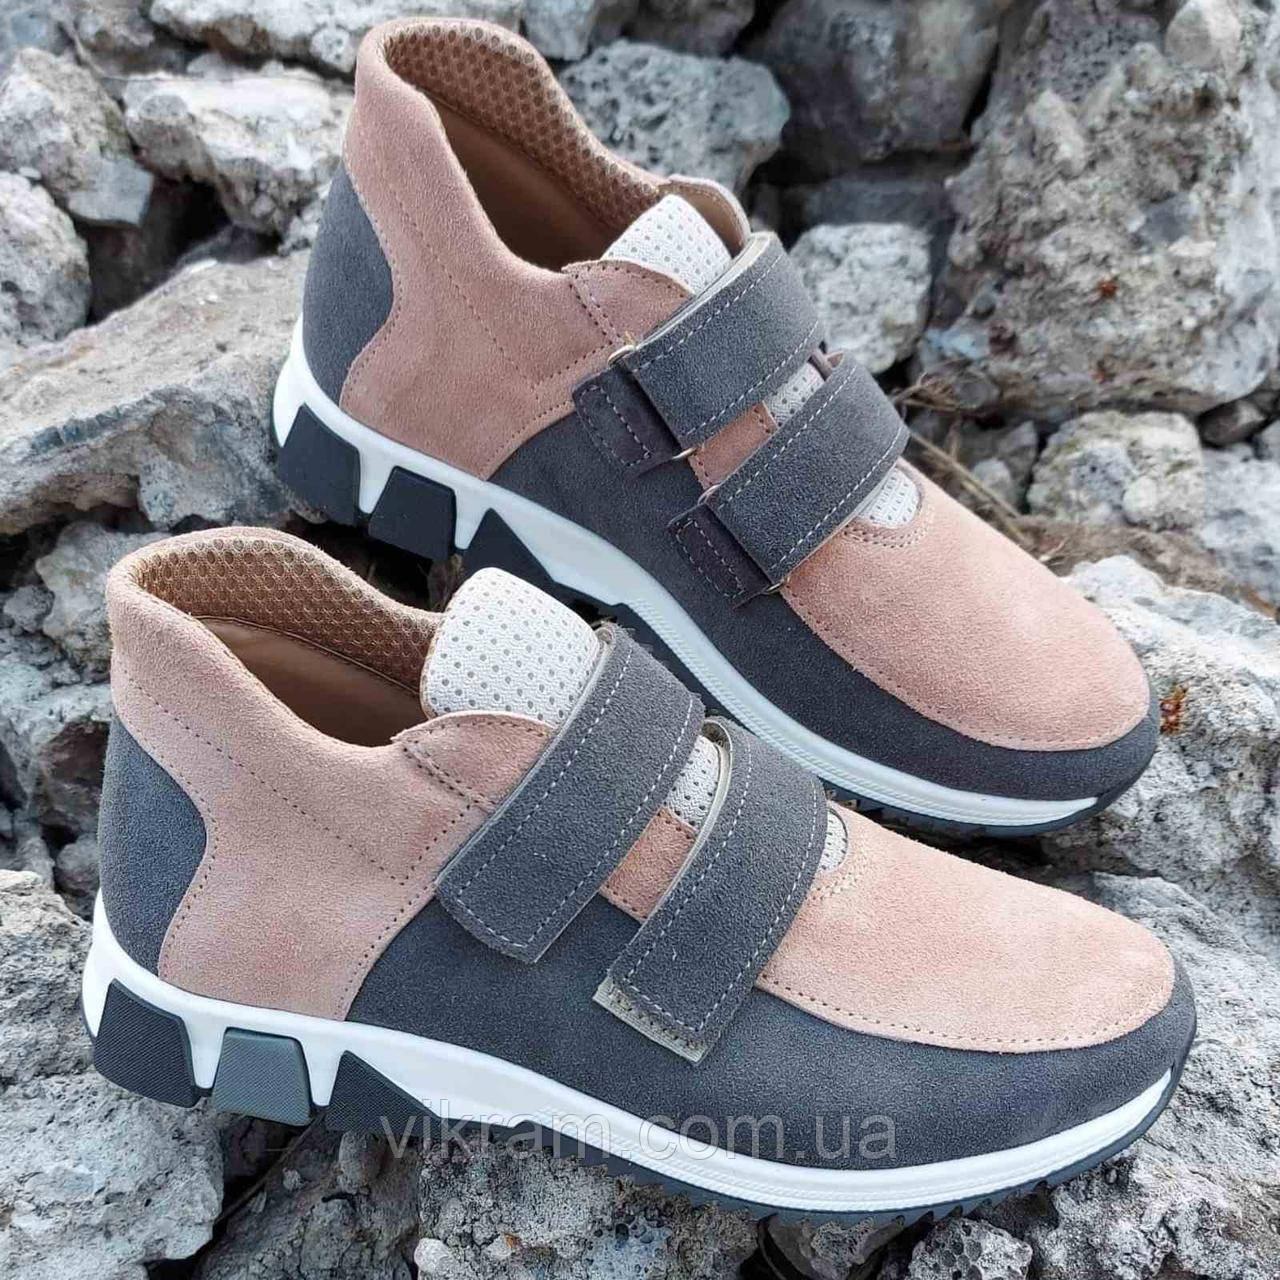 Ортопедичні кросівки для дівчаток МОДЕНА 898 бордові